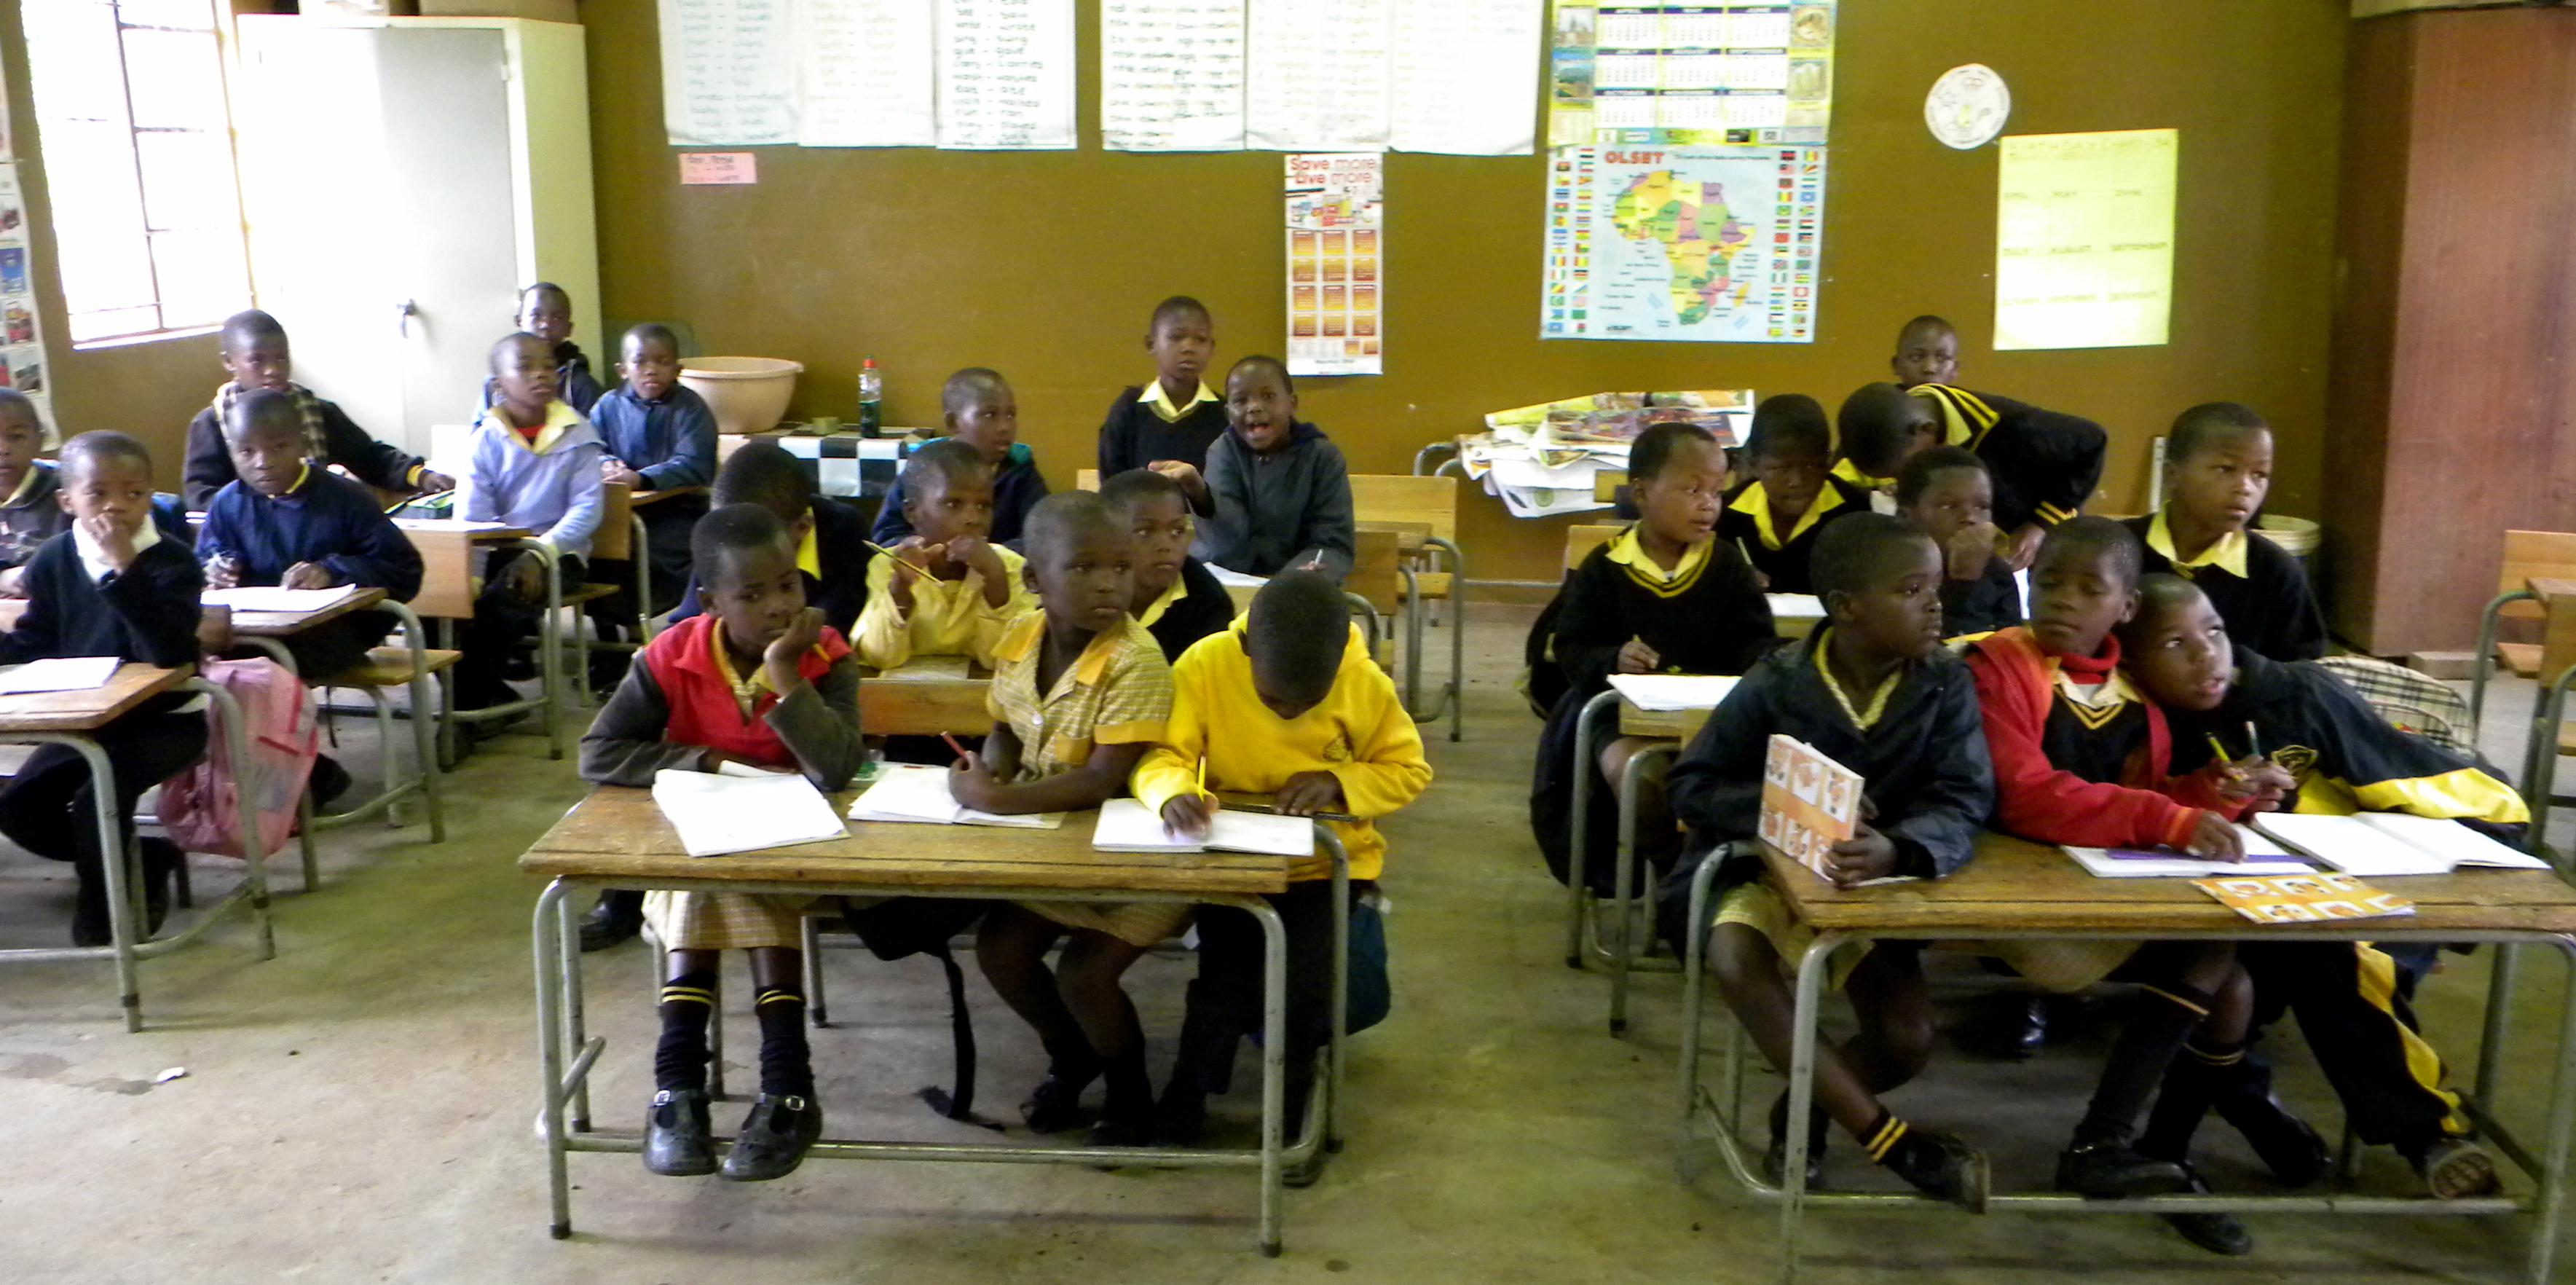 i_skole_i_sydafrika.jpg